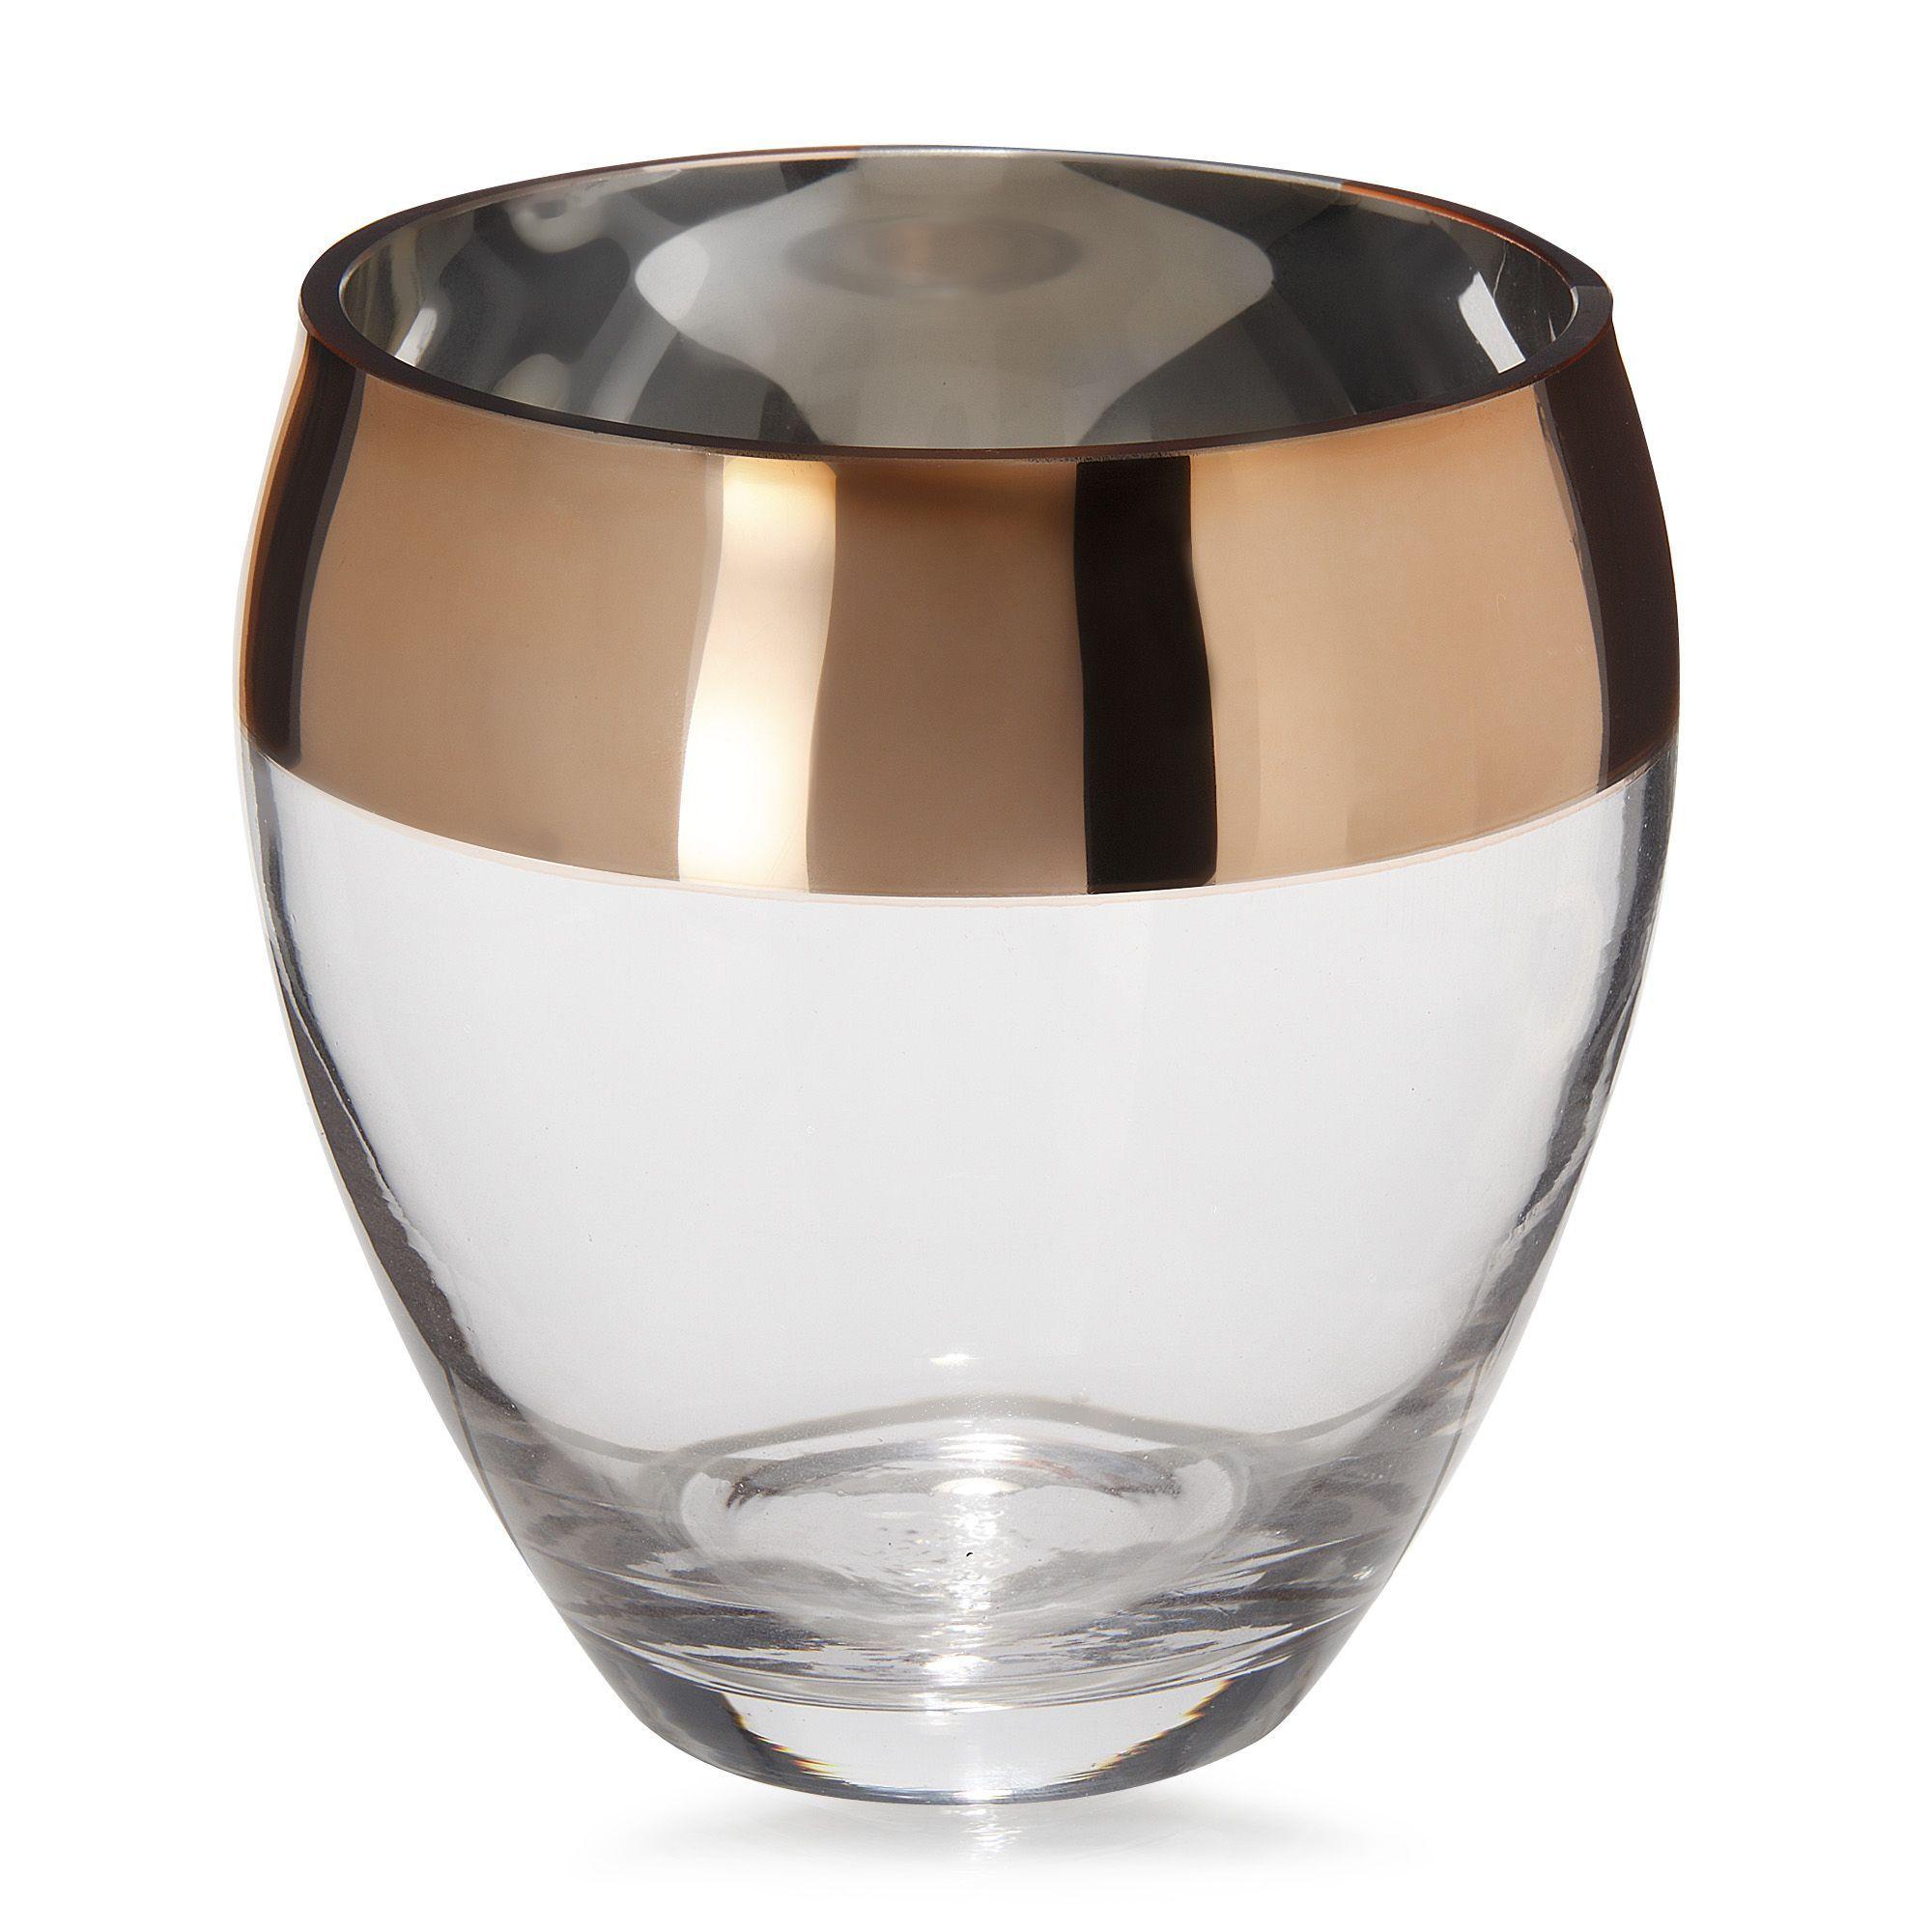 lena vase en verre transparent et cuivr h13 5cm cuivre d coration d co maison alin a. Black Bedroom Furniture Sets. Home Design Ideas